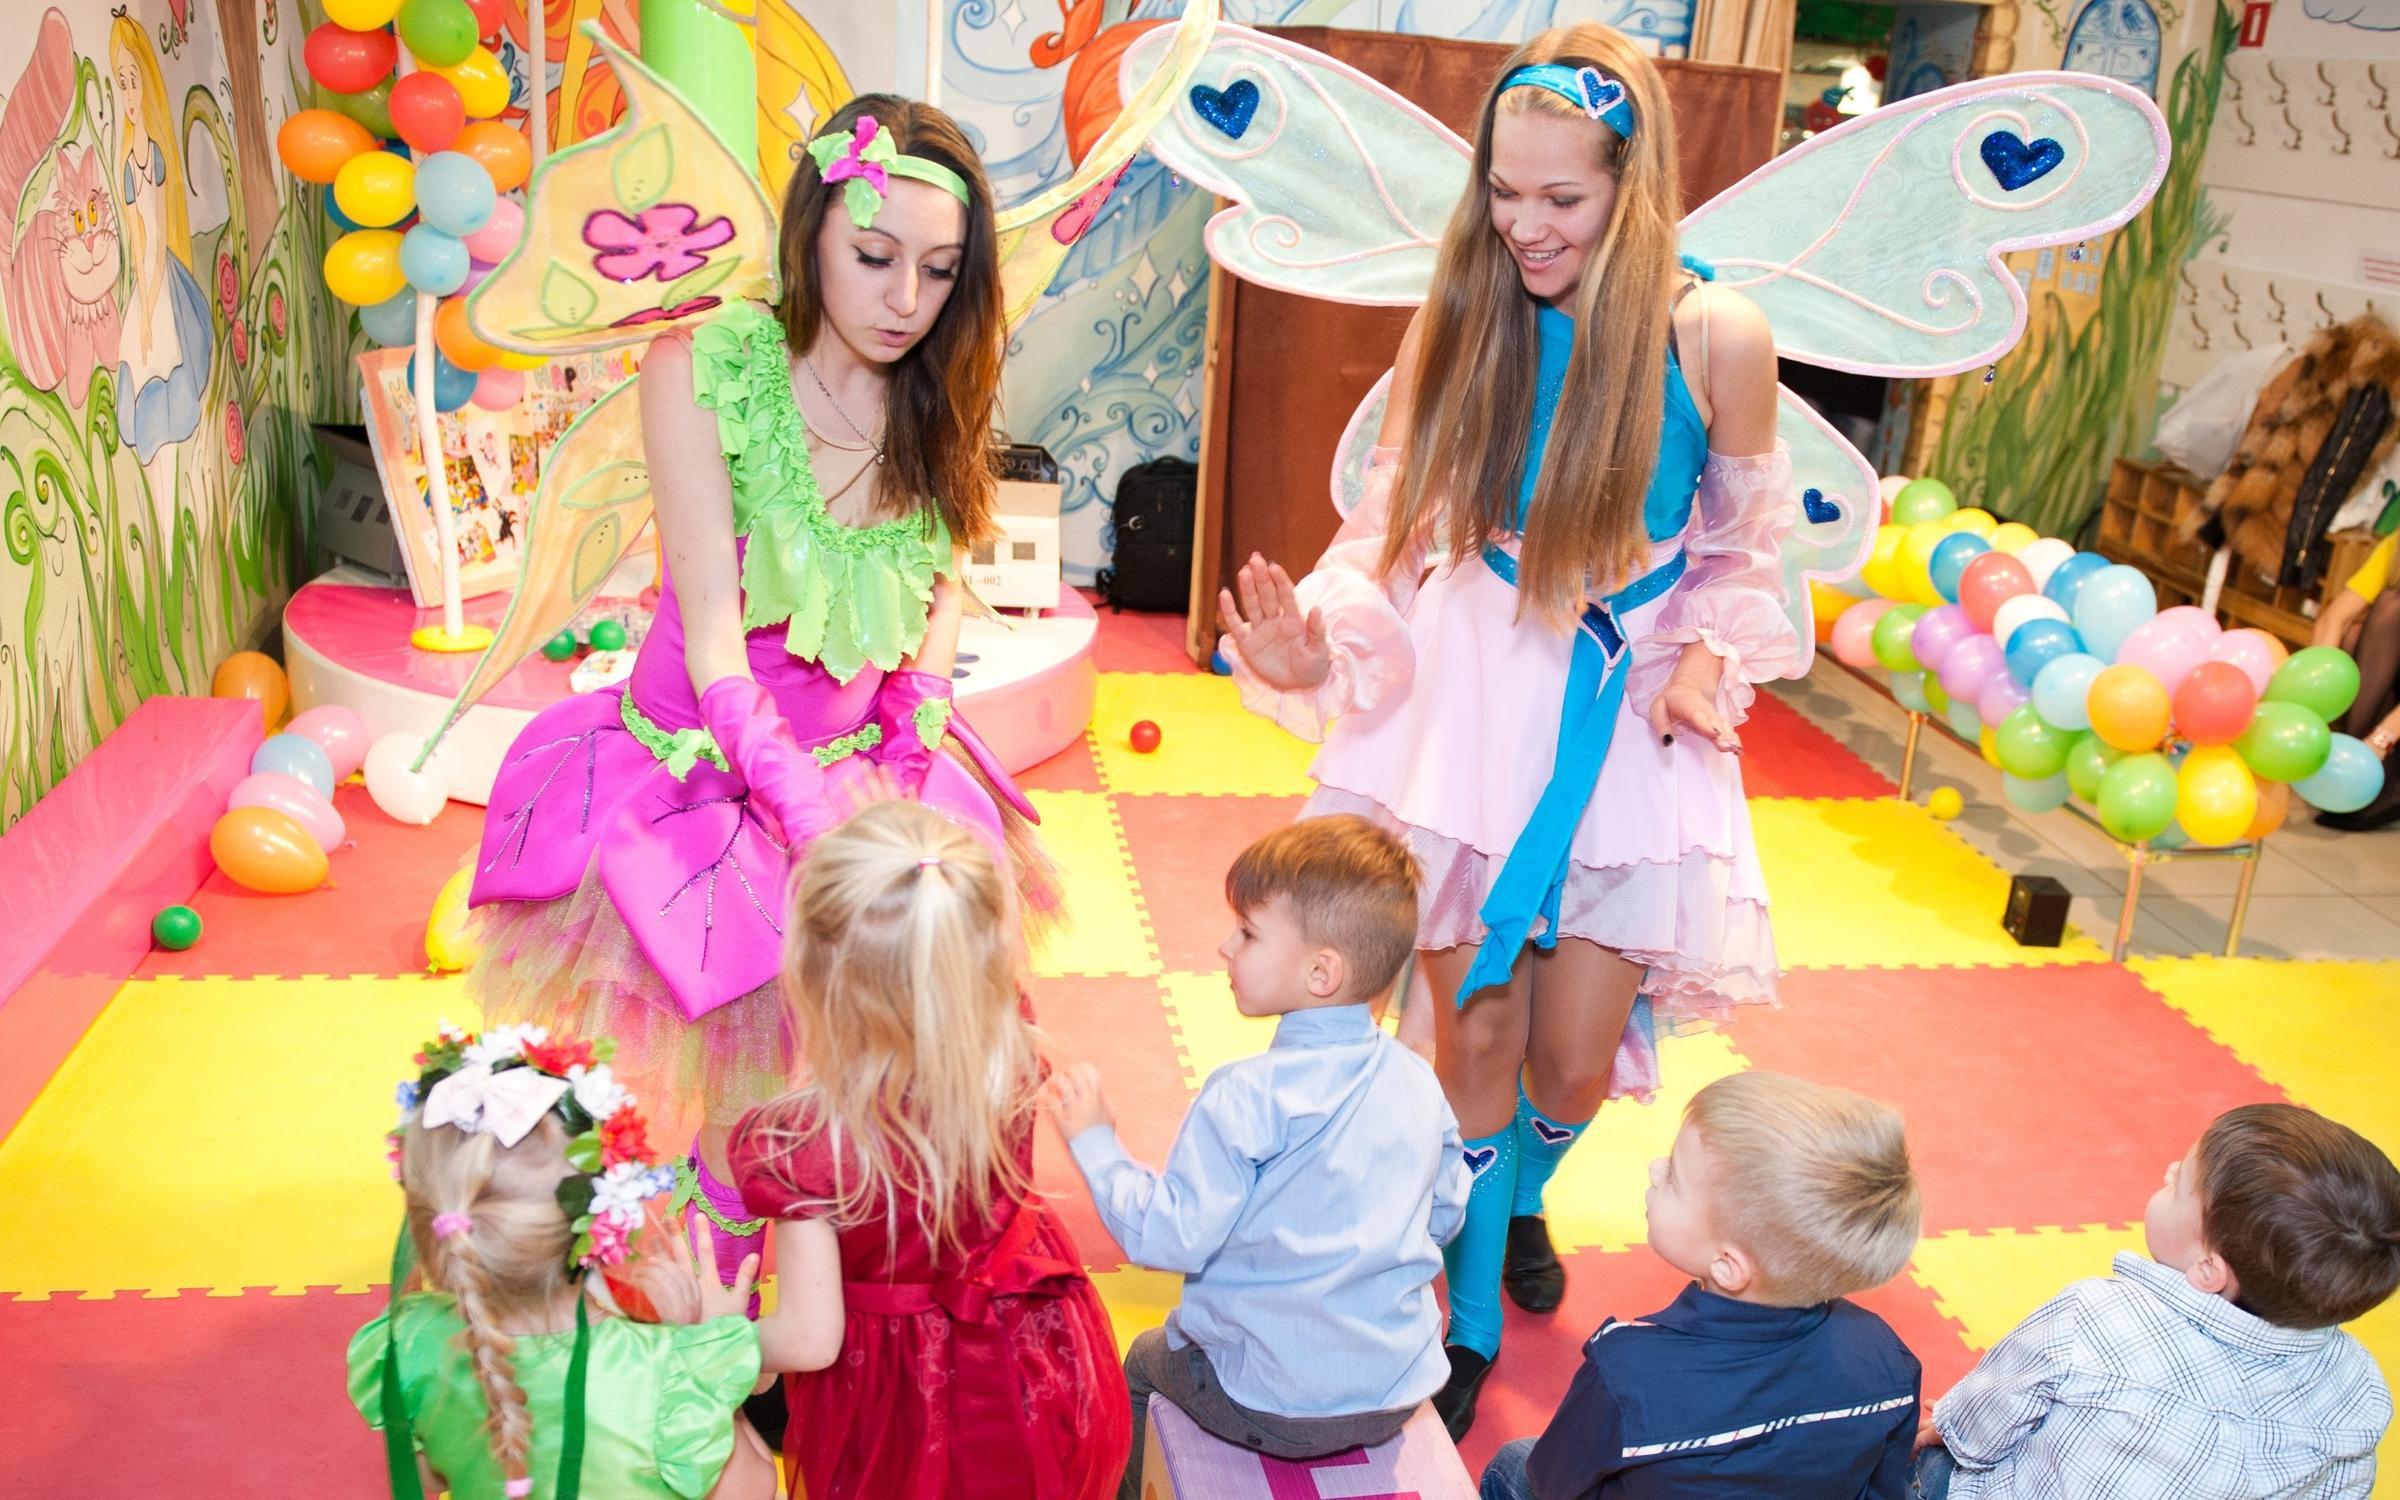 фотография Детский развлекательный центр Няня Парк в ТЦ Променада Парк